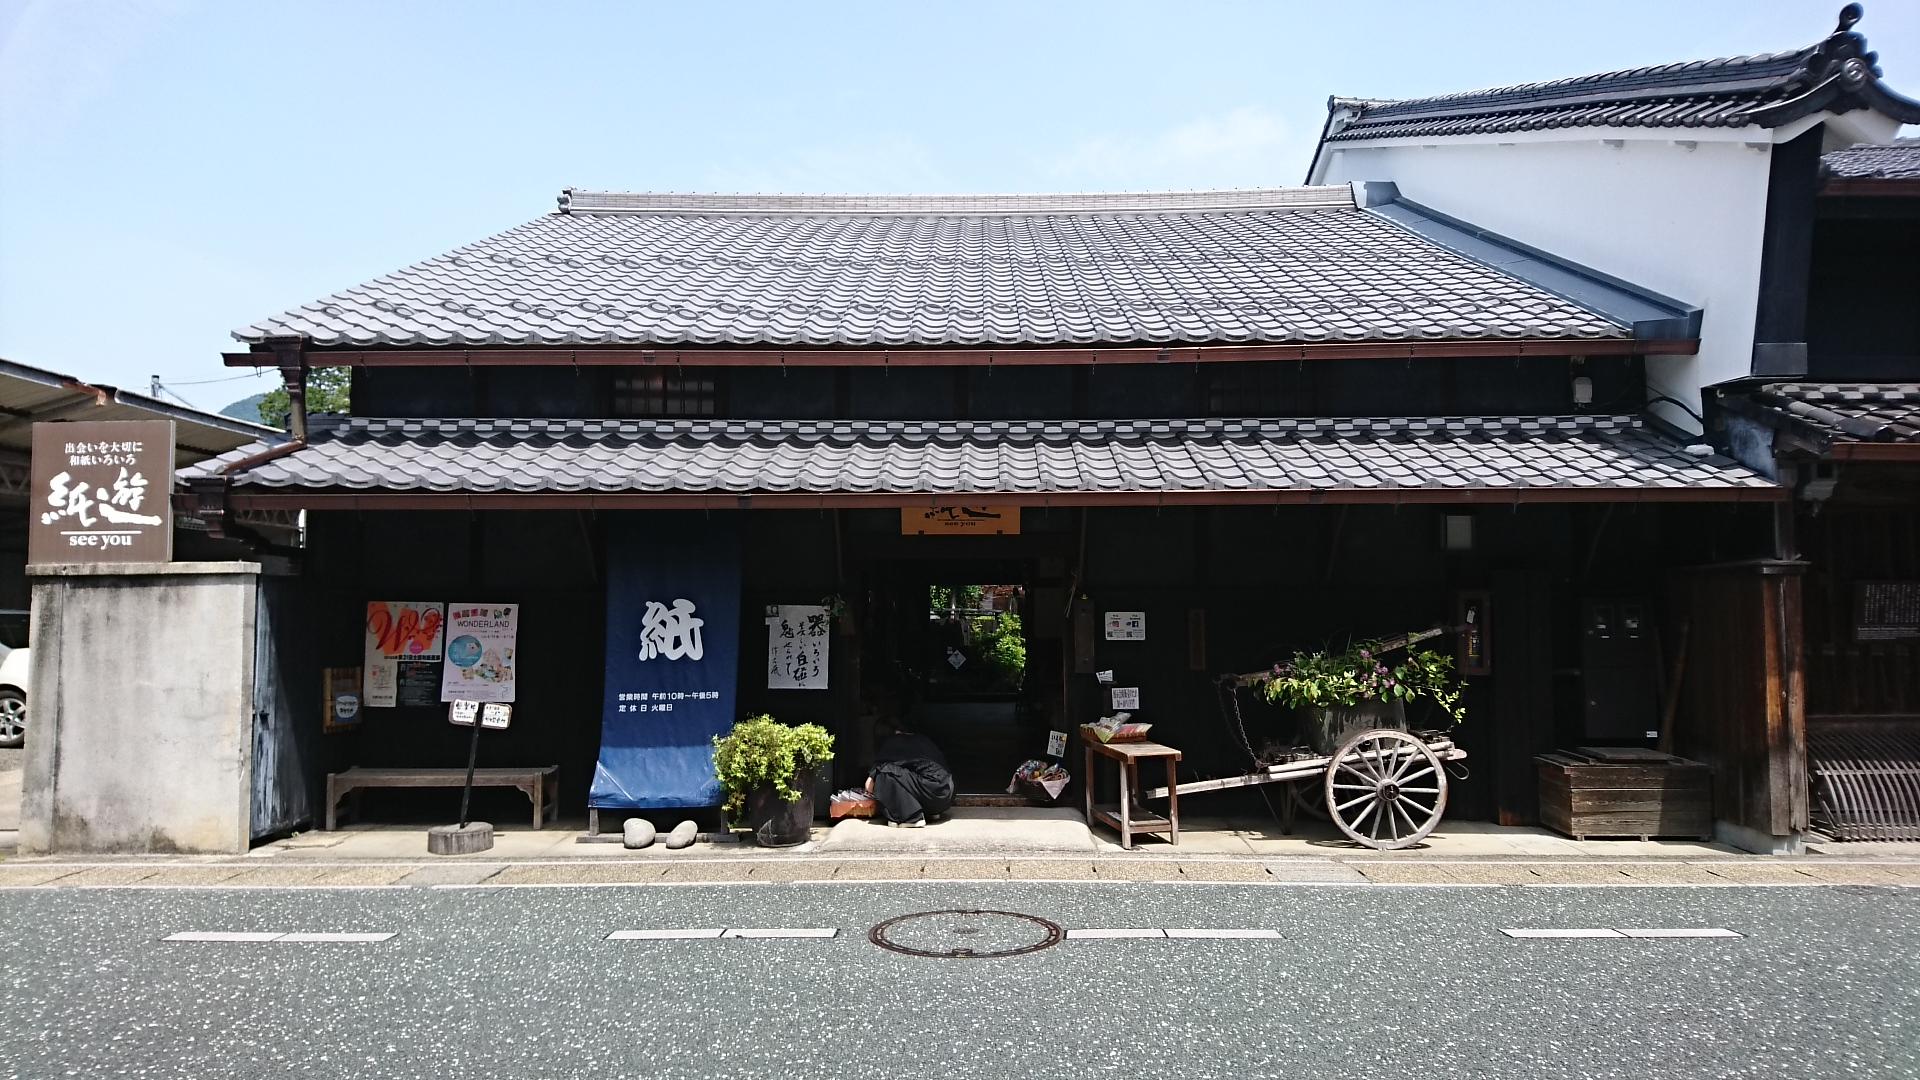 2018.5.16 美濃市 (74) 紙遊 1920-1080